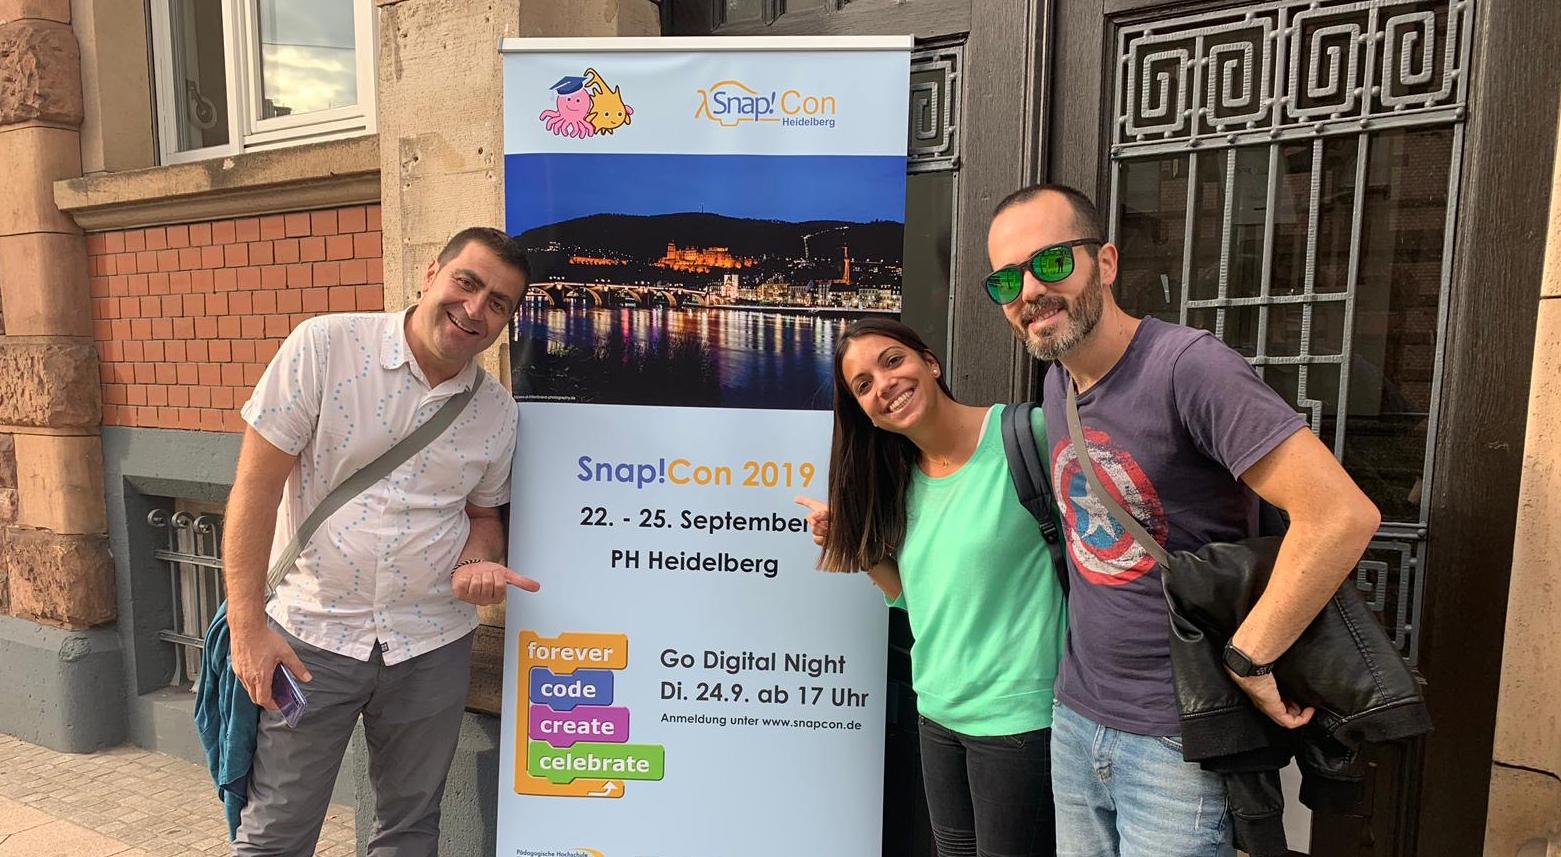 Citilab Participa En La Primera Edició De L'Snap! Conference A Alemanya